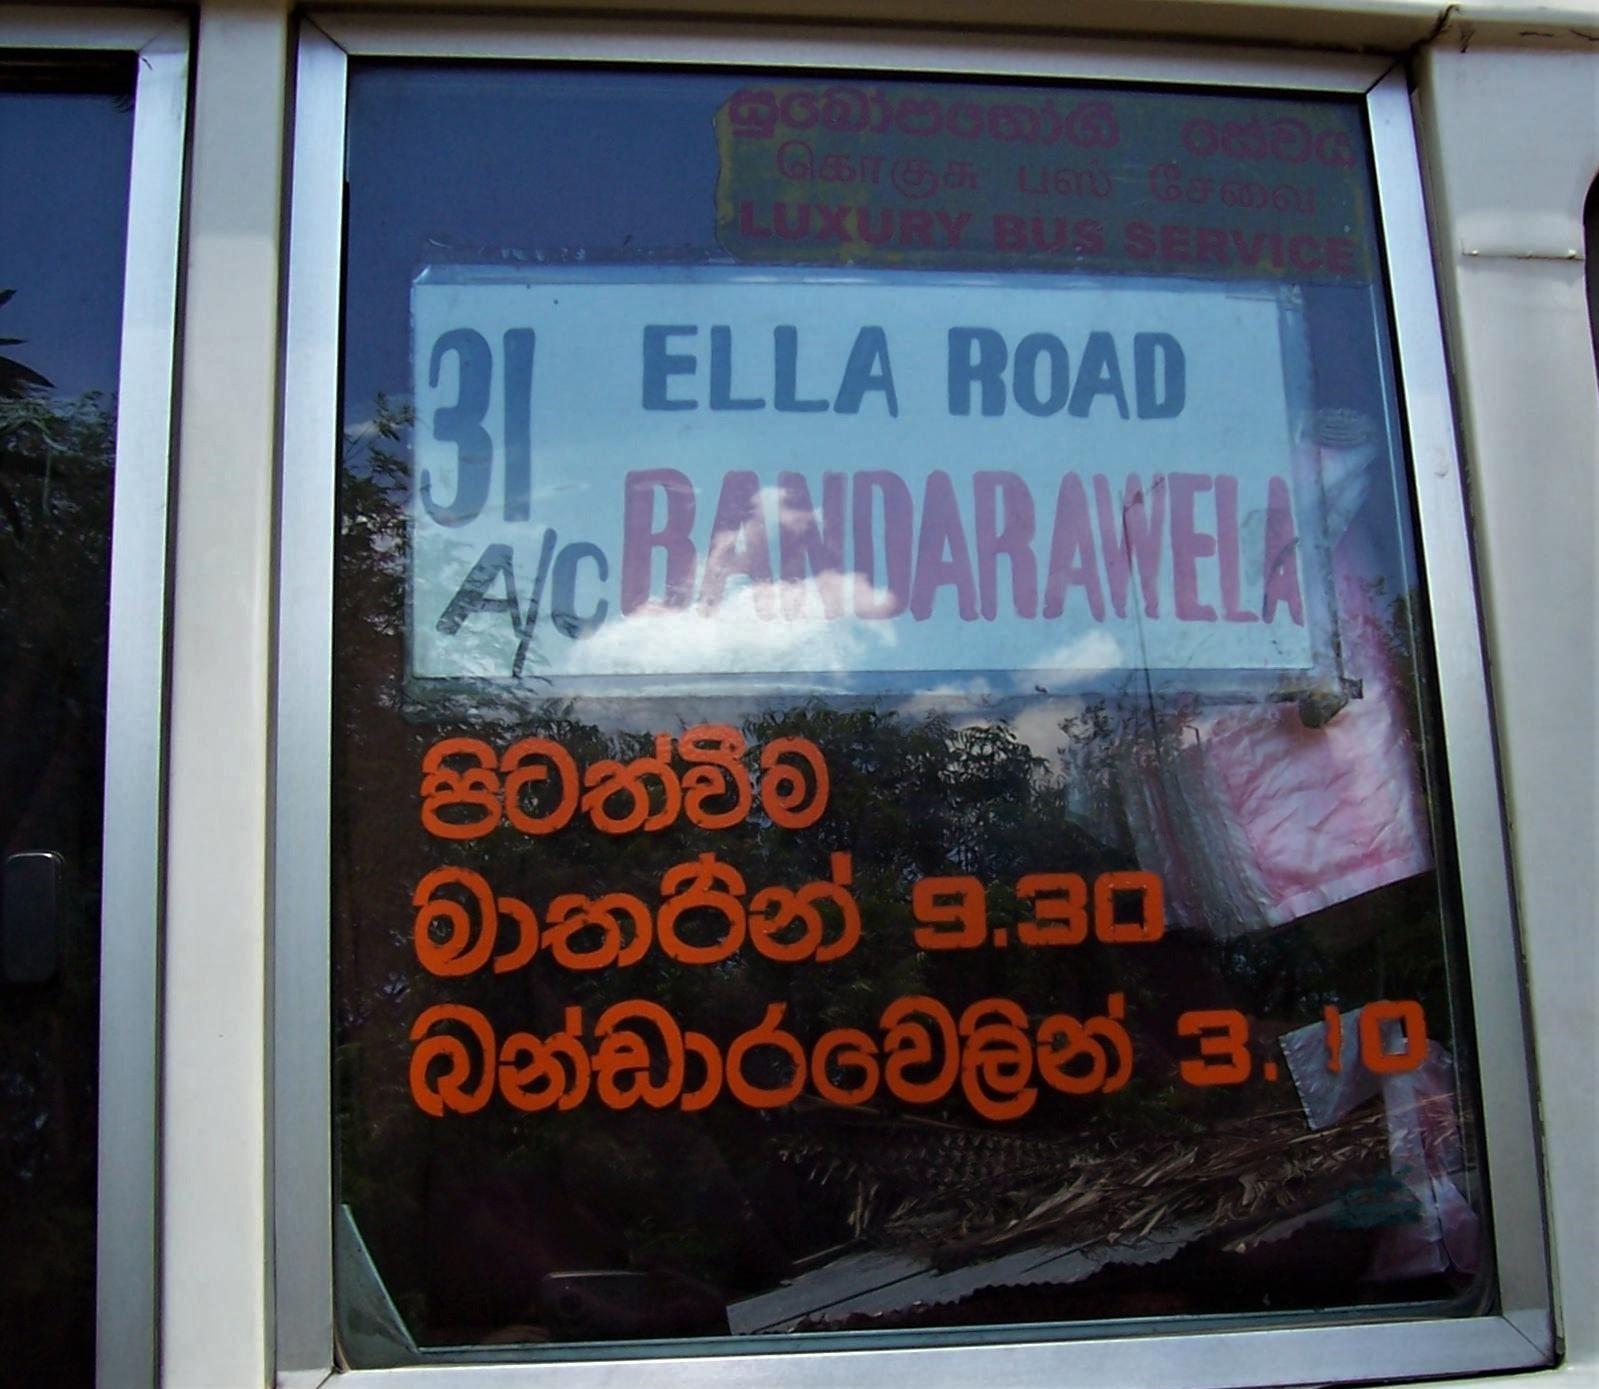 Buslinie 31 - Banderawela über die Ella-Road